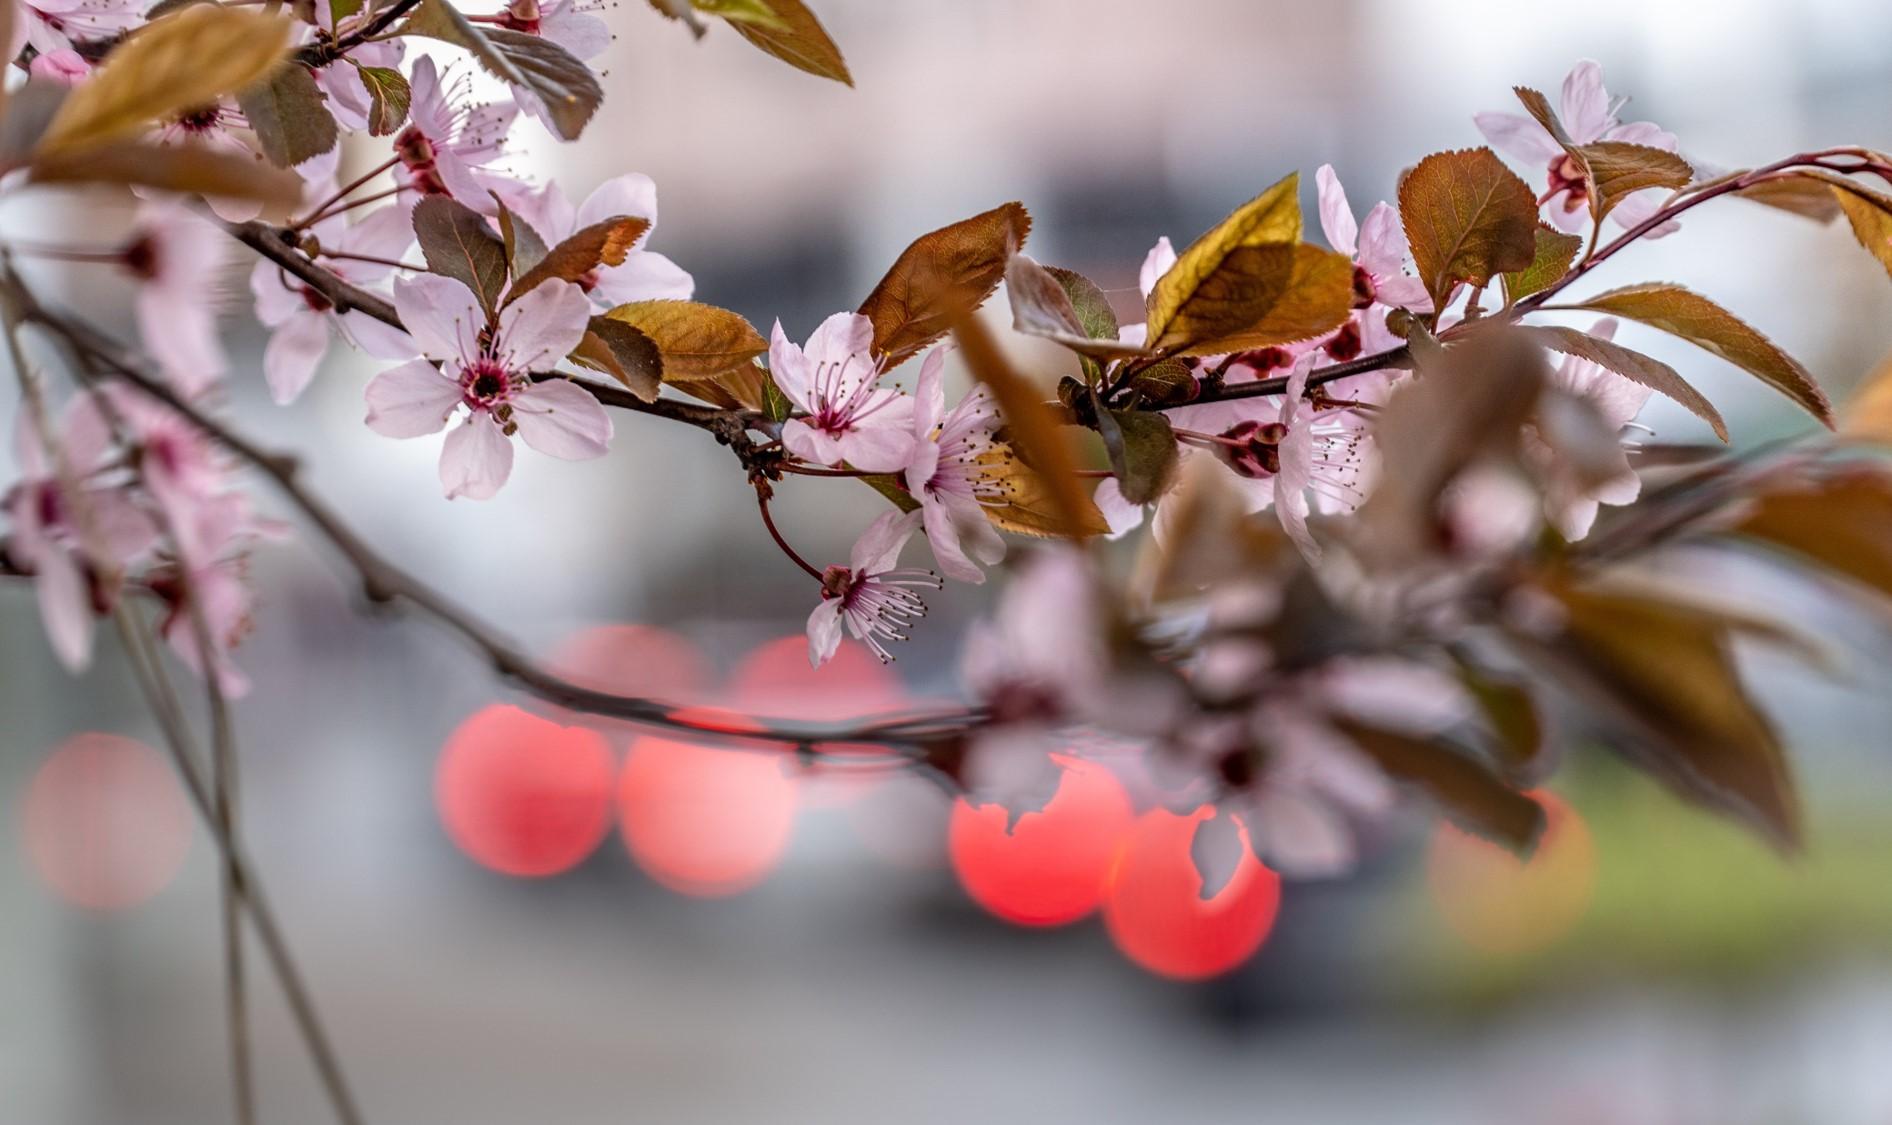 Frühlingshafte Stimmung in Wörgl